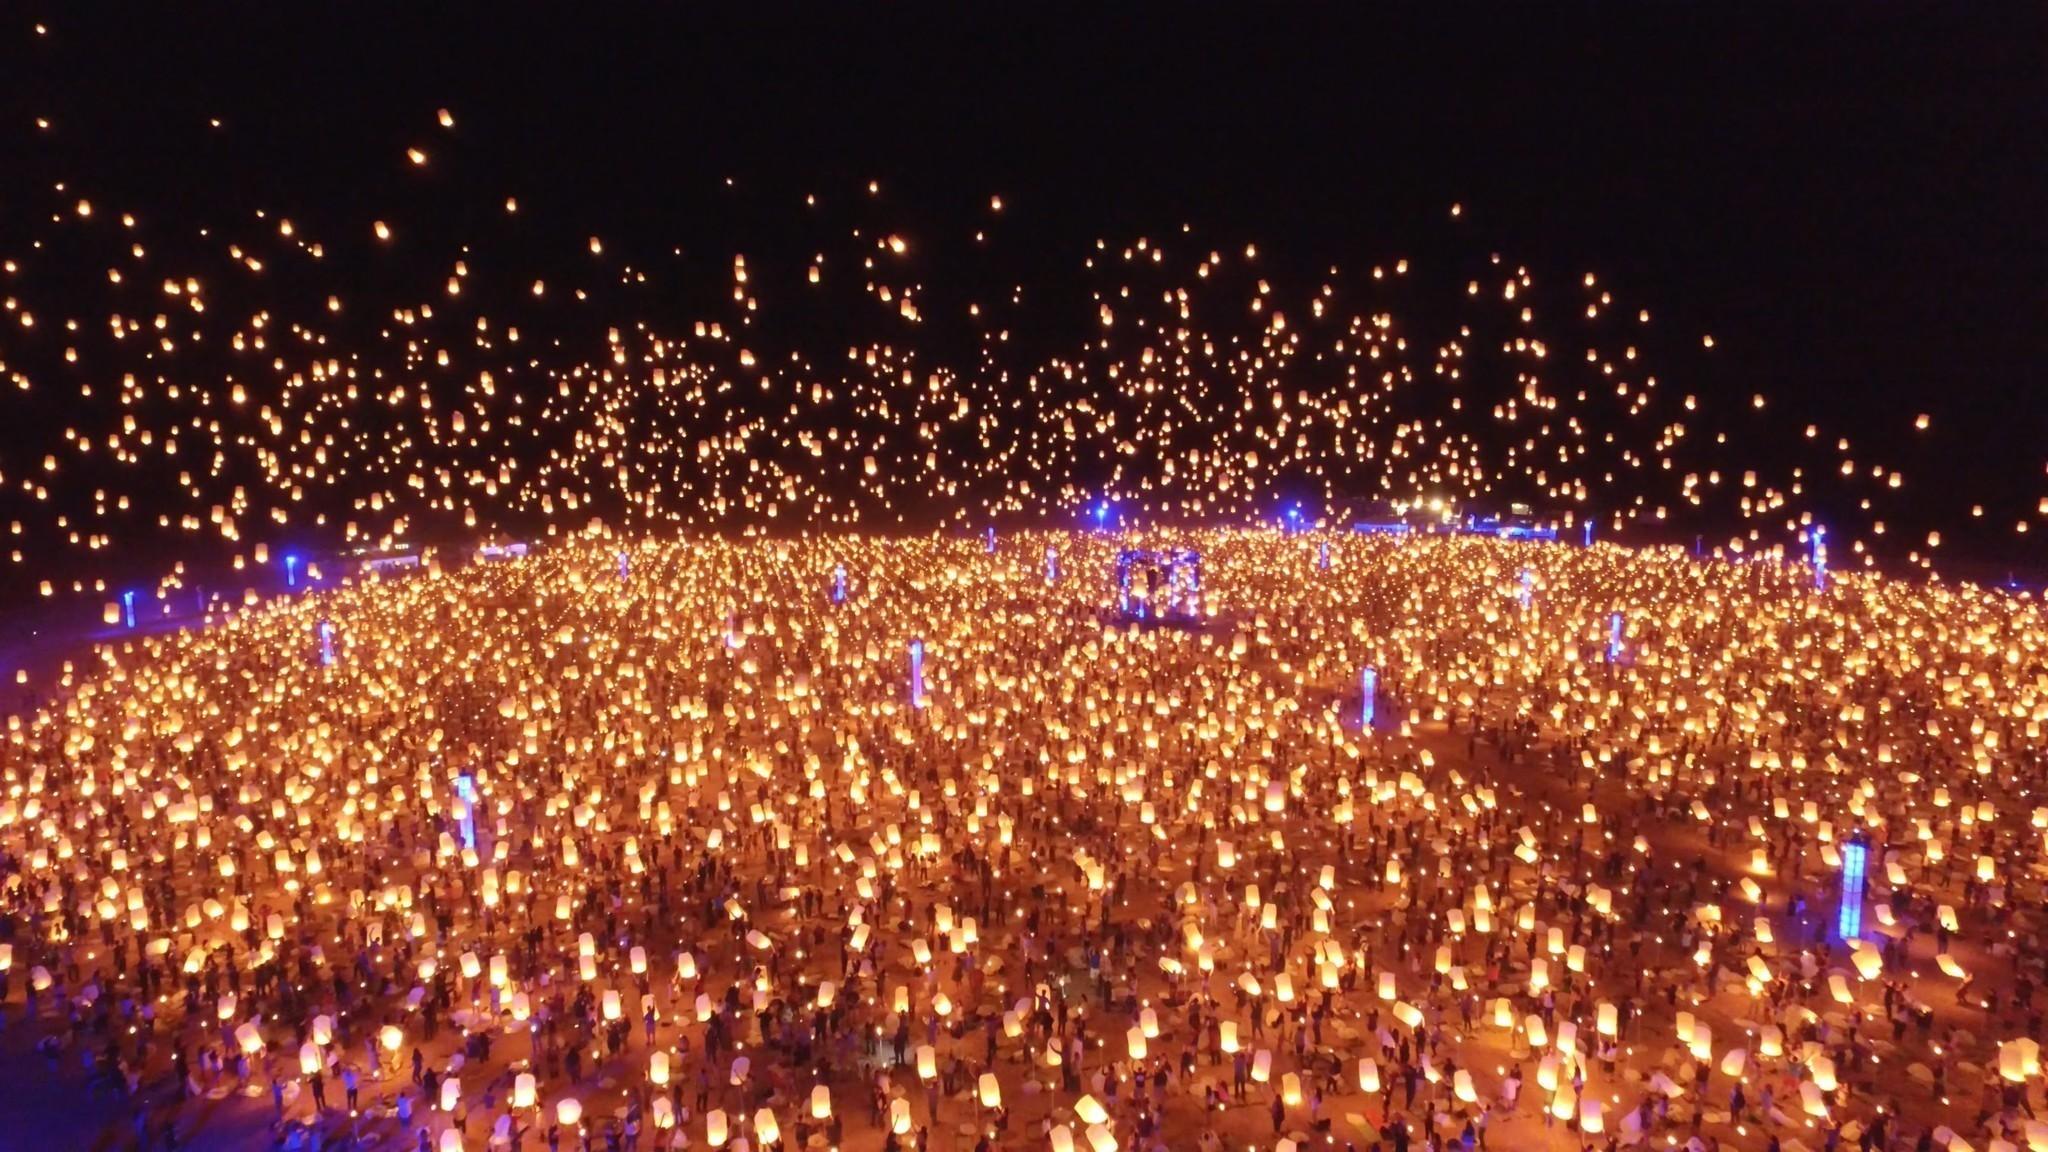 Lantern Festival Wallpaper 66 Images